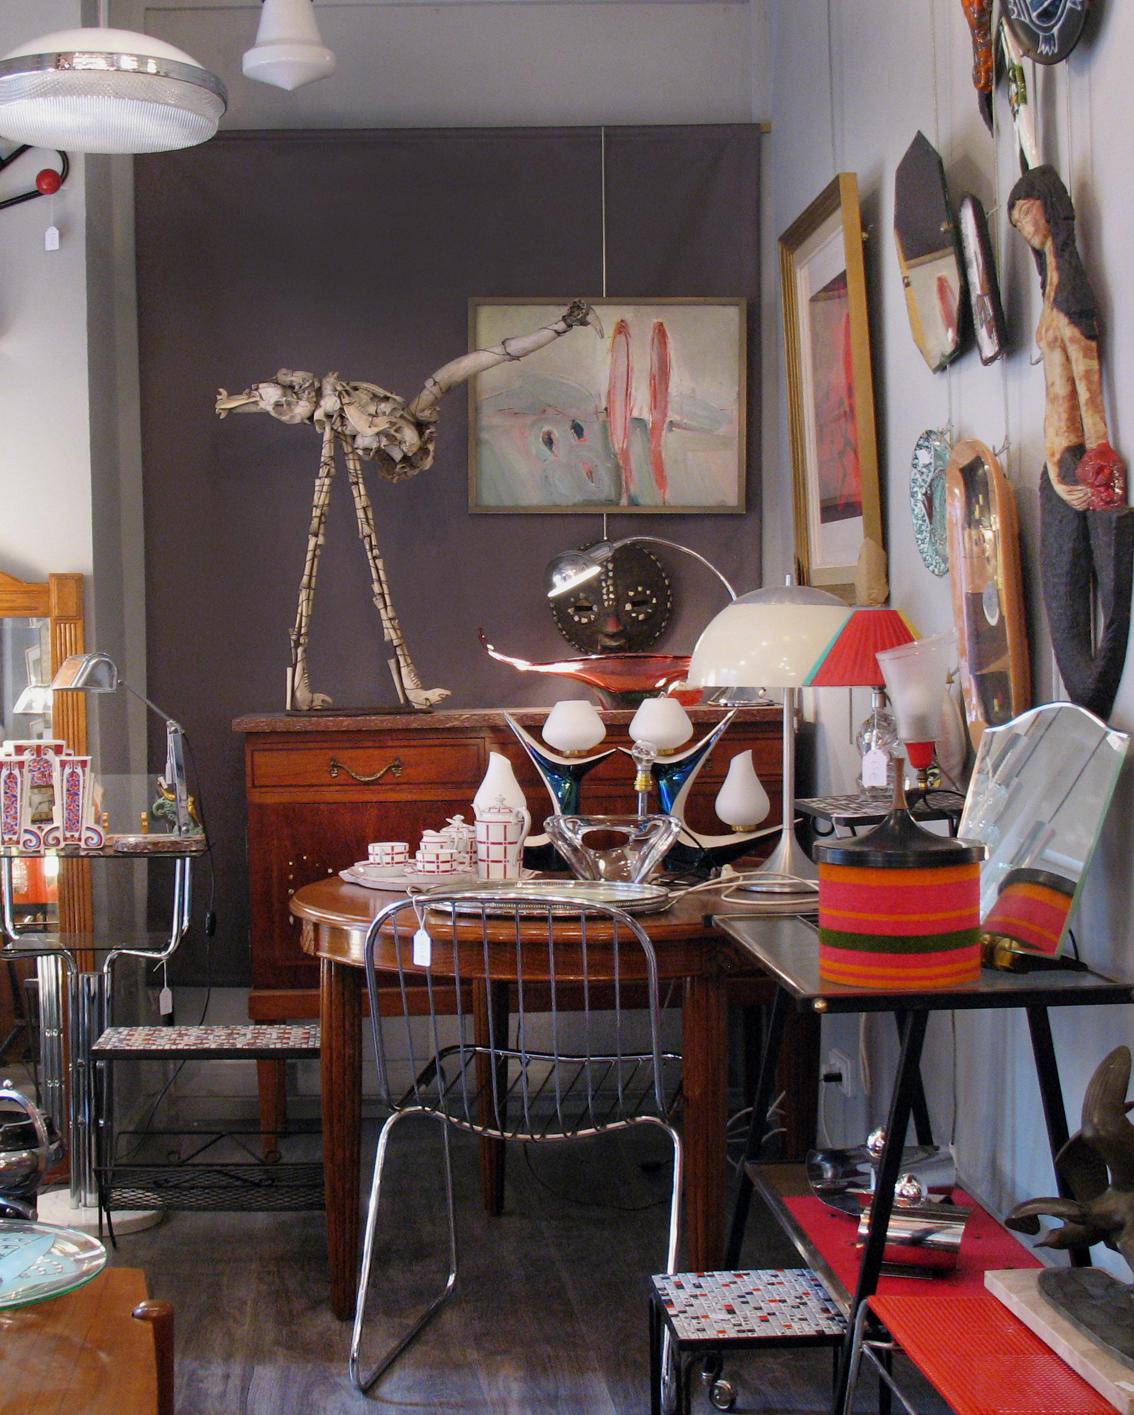 Tienda De Muebles Algeciras : Tienda de muebles en algeciras